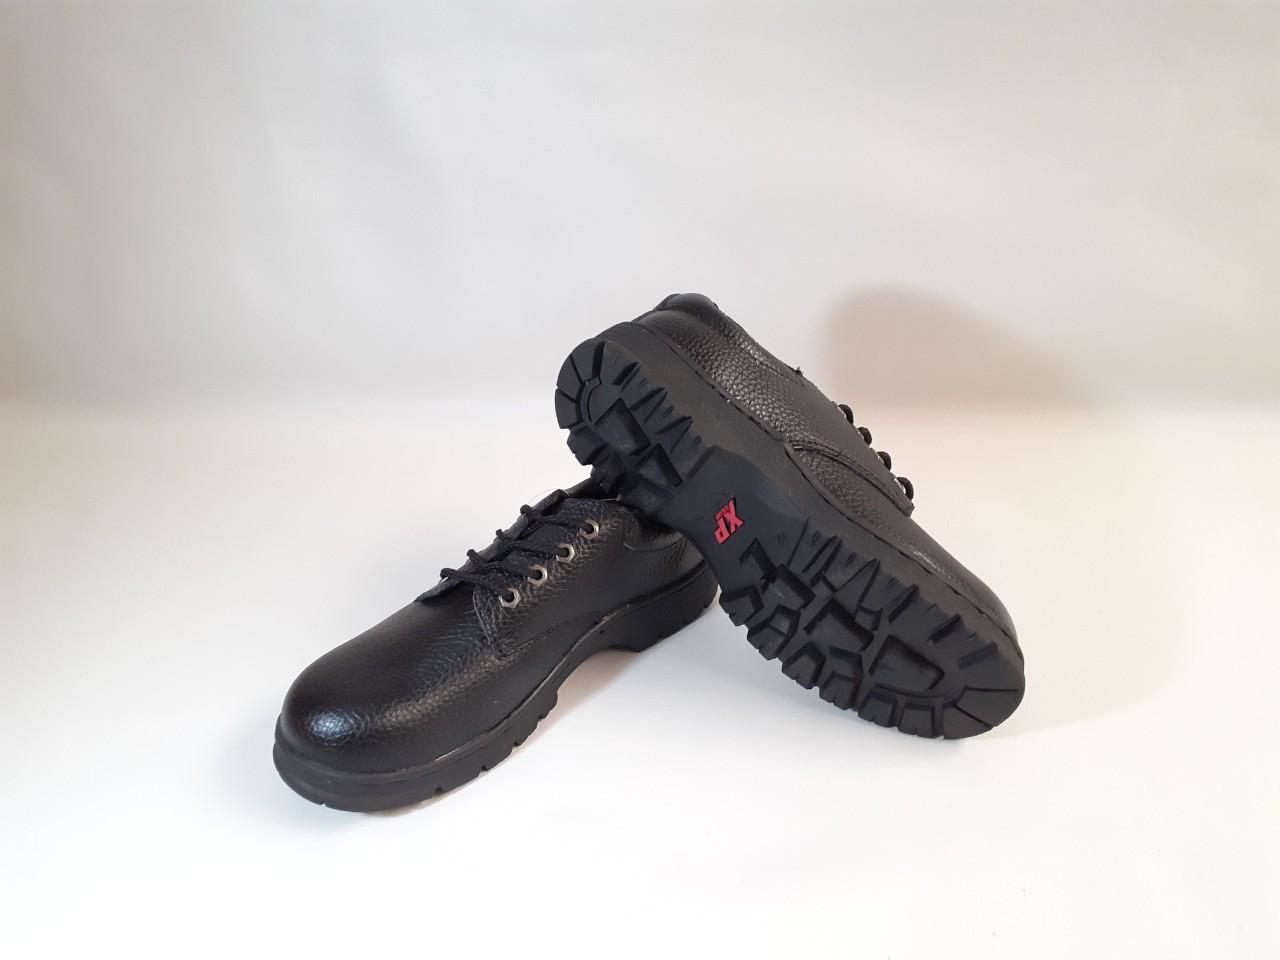 Giày bảo hộ lao động XP 368 xịn